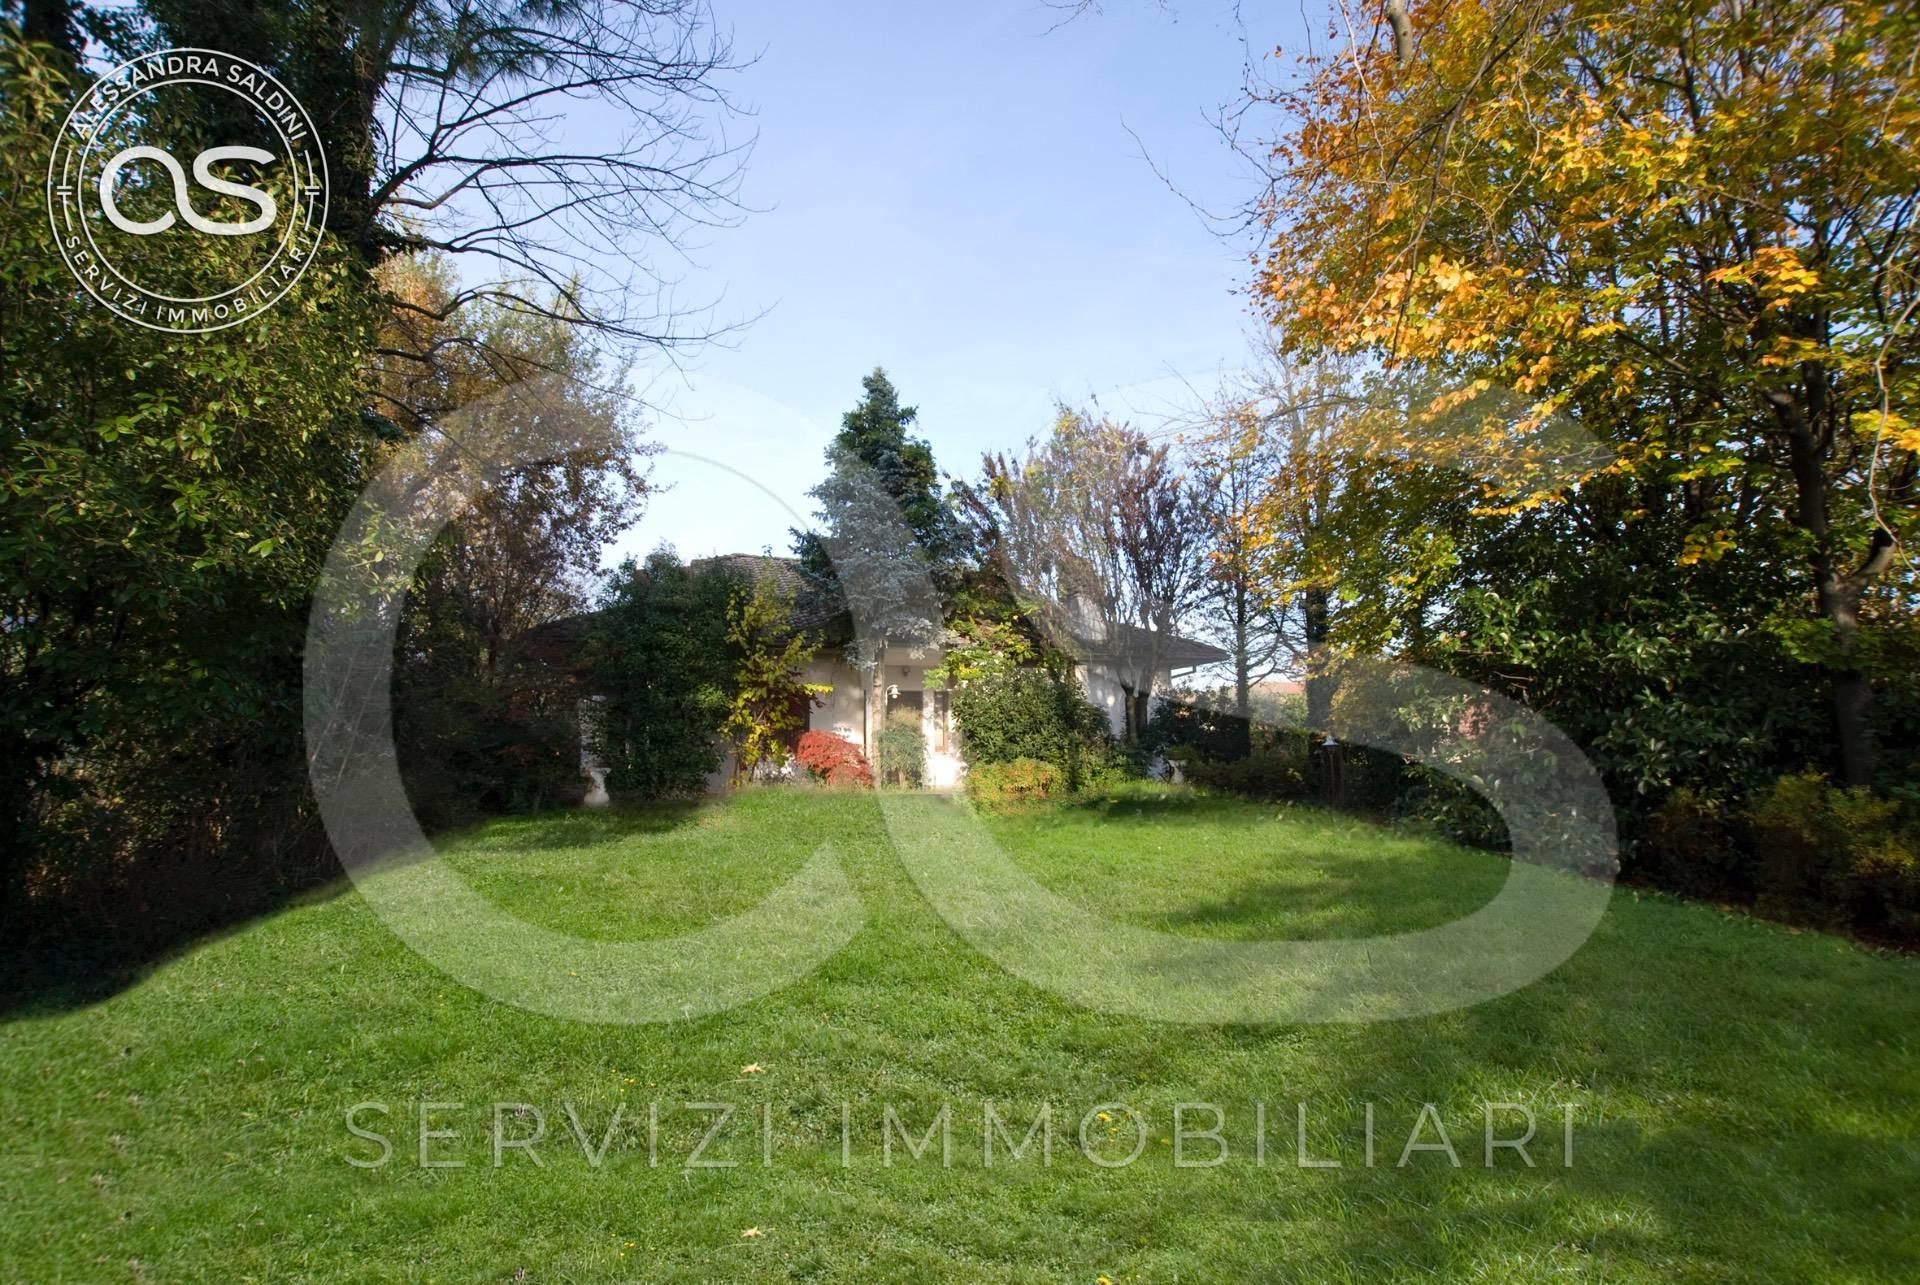 Villa in vendita a Manerbio, 8 locali, prezzo € 459.000 | CambioCasa.it